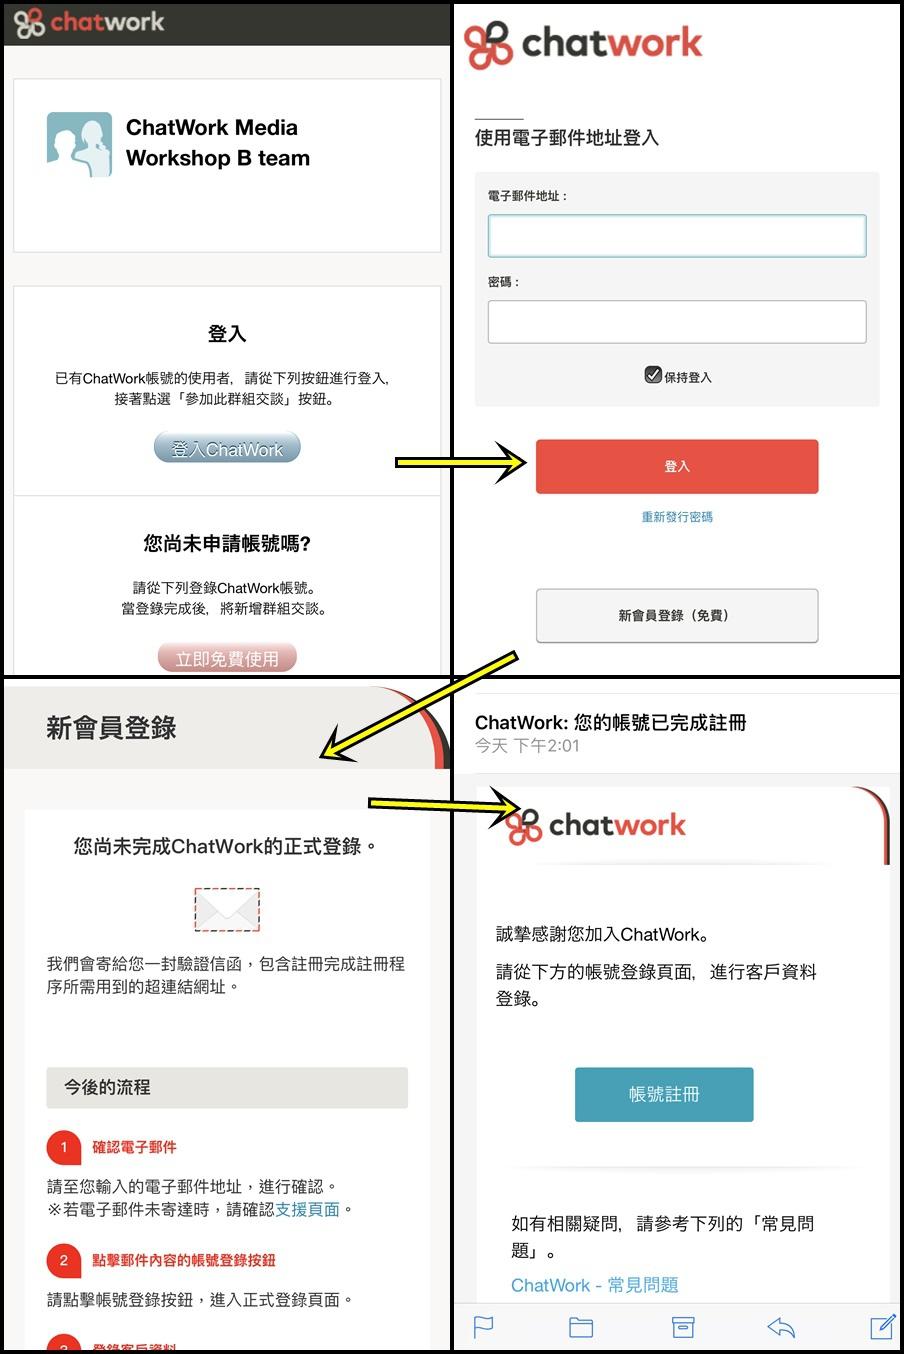 20161201《資訊報報》日本商用第一通訊軟體ChatWork讓你輕鬆擁有雲端會議室。ChatWork尾牙提案競賽搶優勝得十萬元尾牙基金︱ (1).jpg